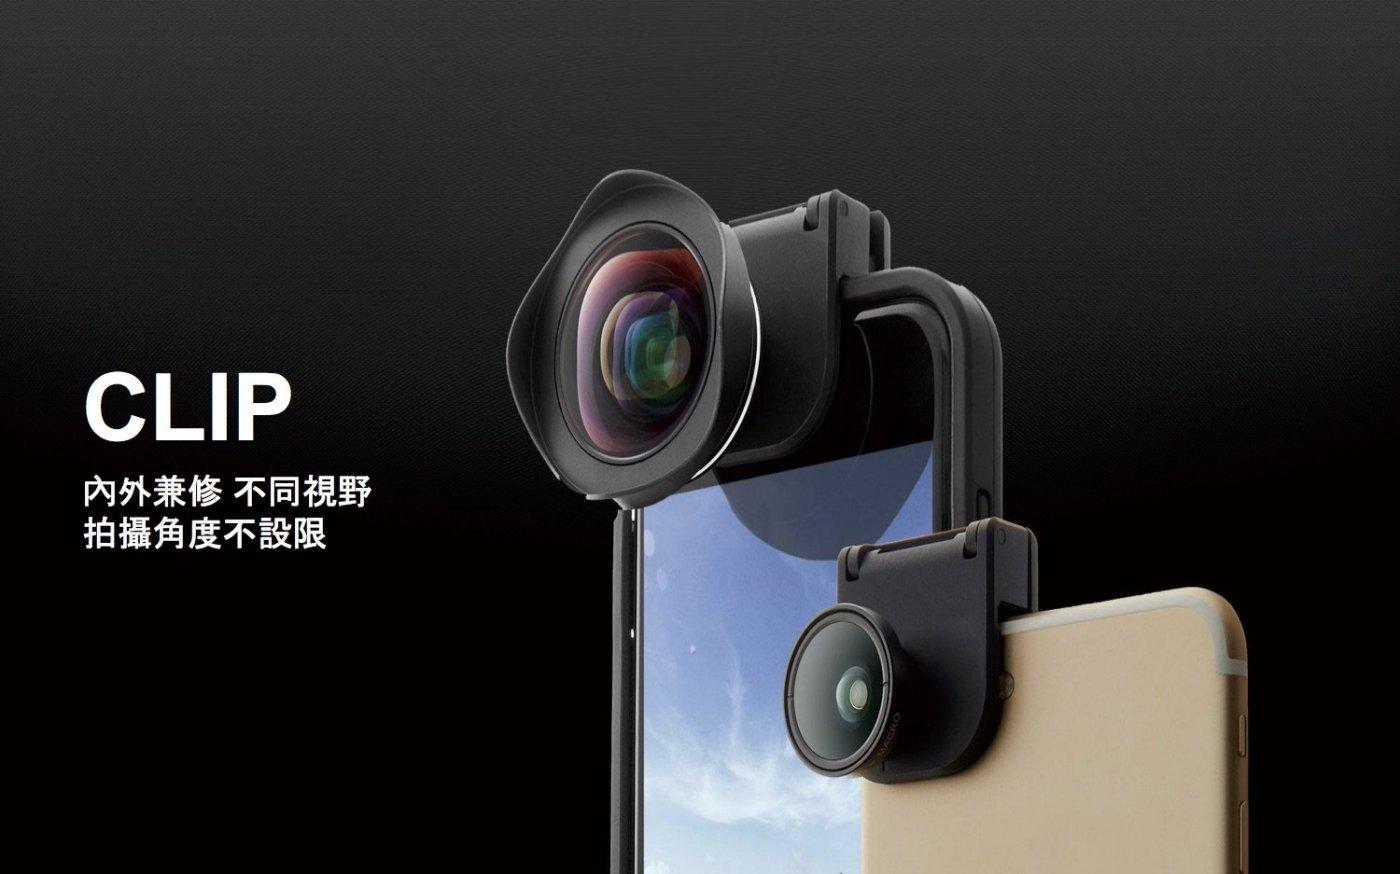 【現貨熱賣中】Bitplay CLIP iPhone 便攜 鏡頭 轉接扣